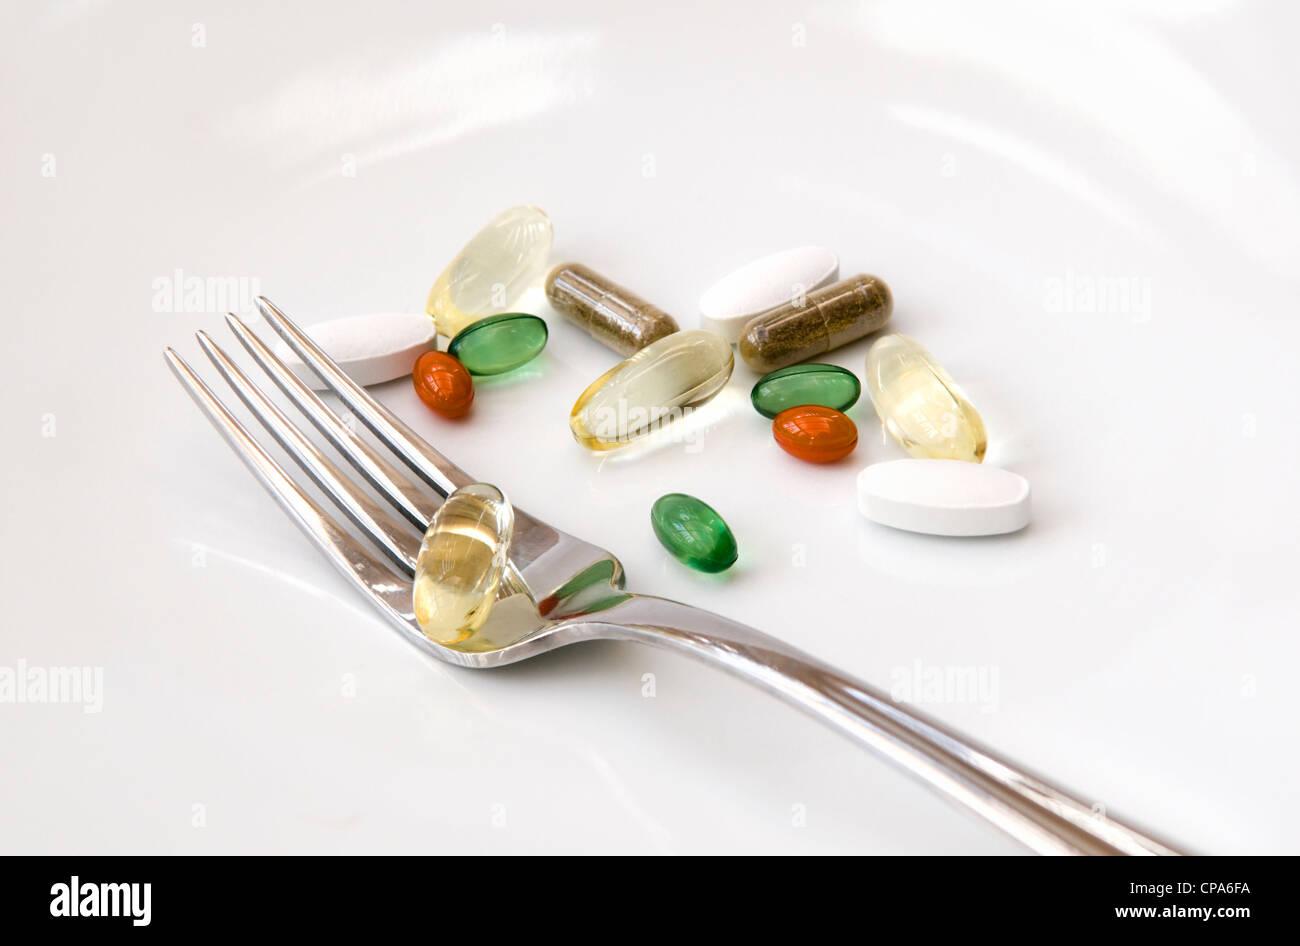 Auswahl an Vitaminen (Omega-3, Co-Enzym Q10, Pfefferminze, Chondroitin, Ginkgo und Ginseng) mit Gabel auf weißem Stockbild